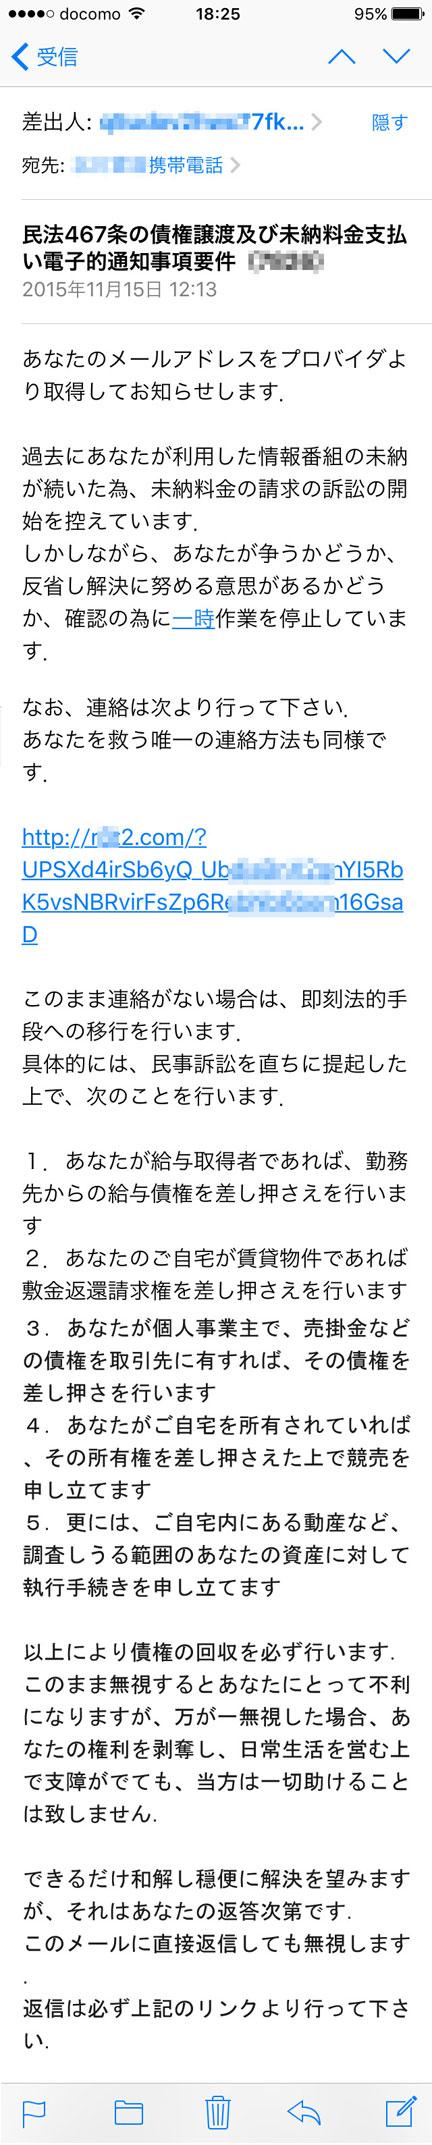 【民事訴訟における過剰主張,立証のペナル …